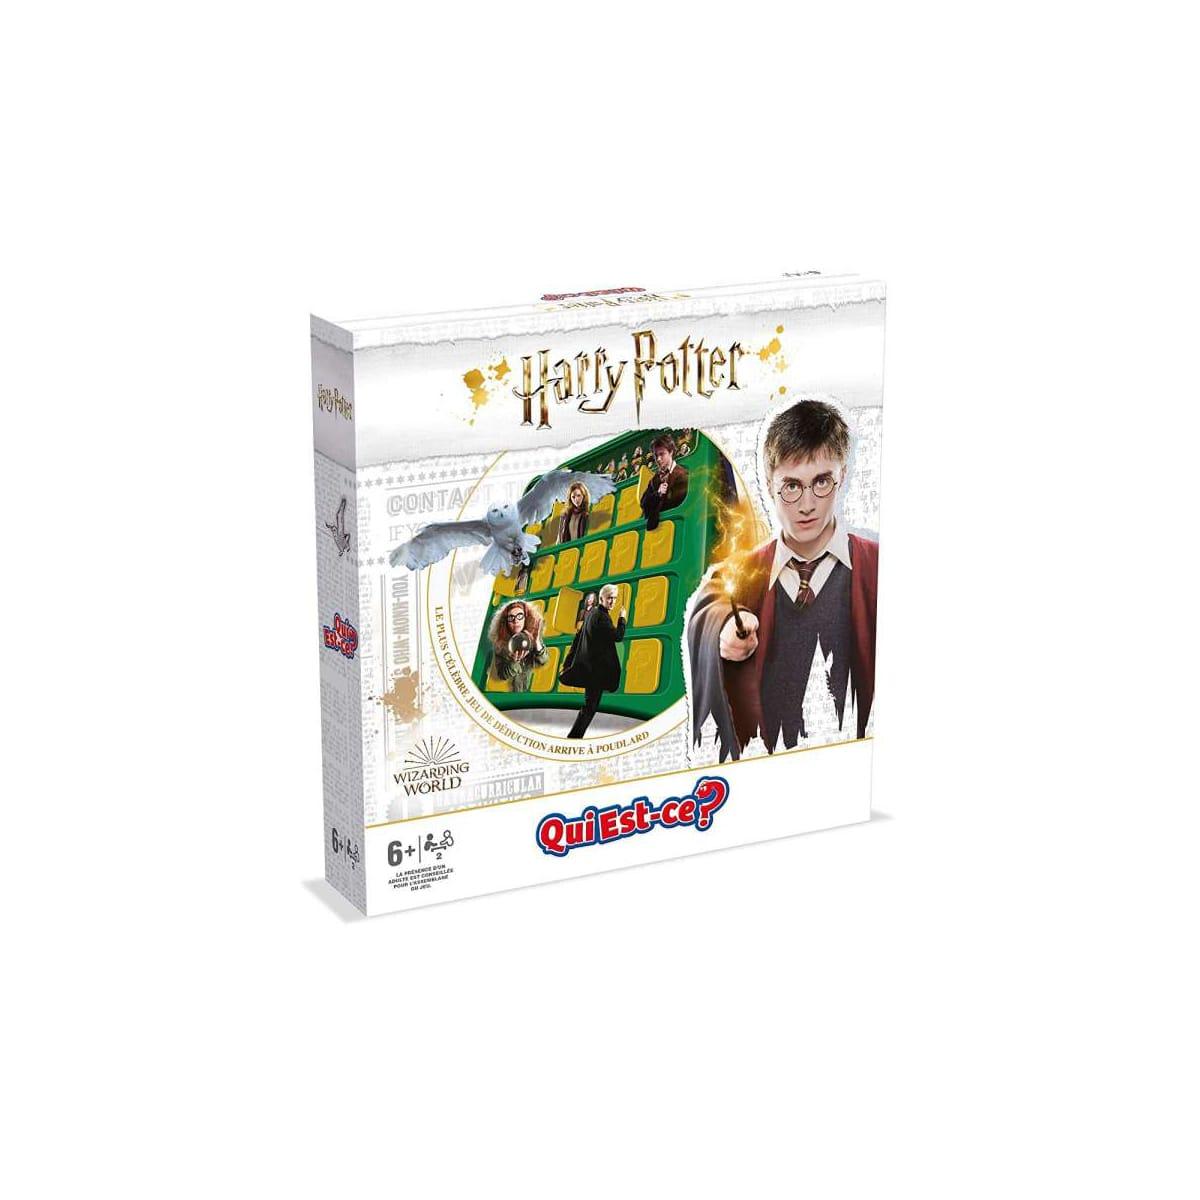 Warner Bros - Harry Potter : Jeu de société \'Qui est-ce?\' Fr